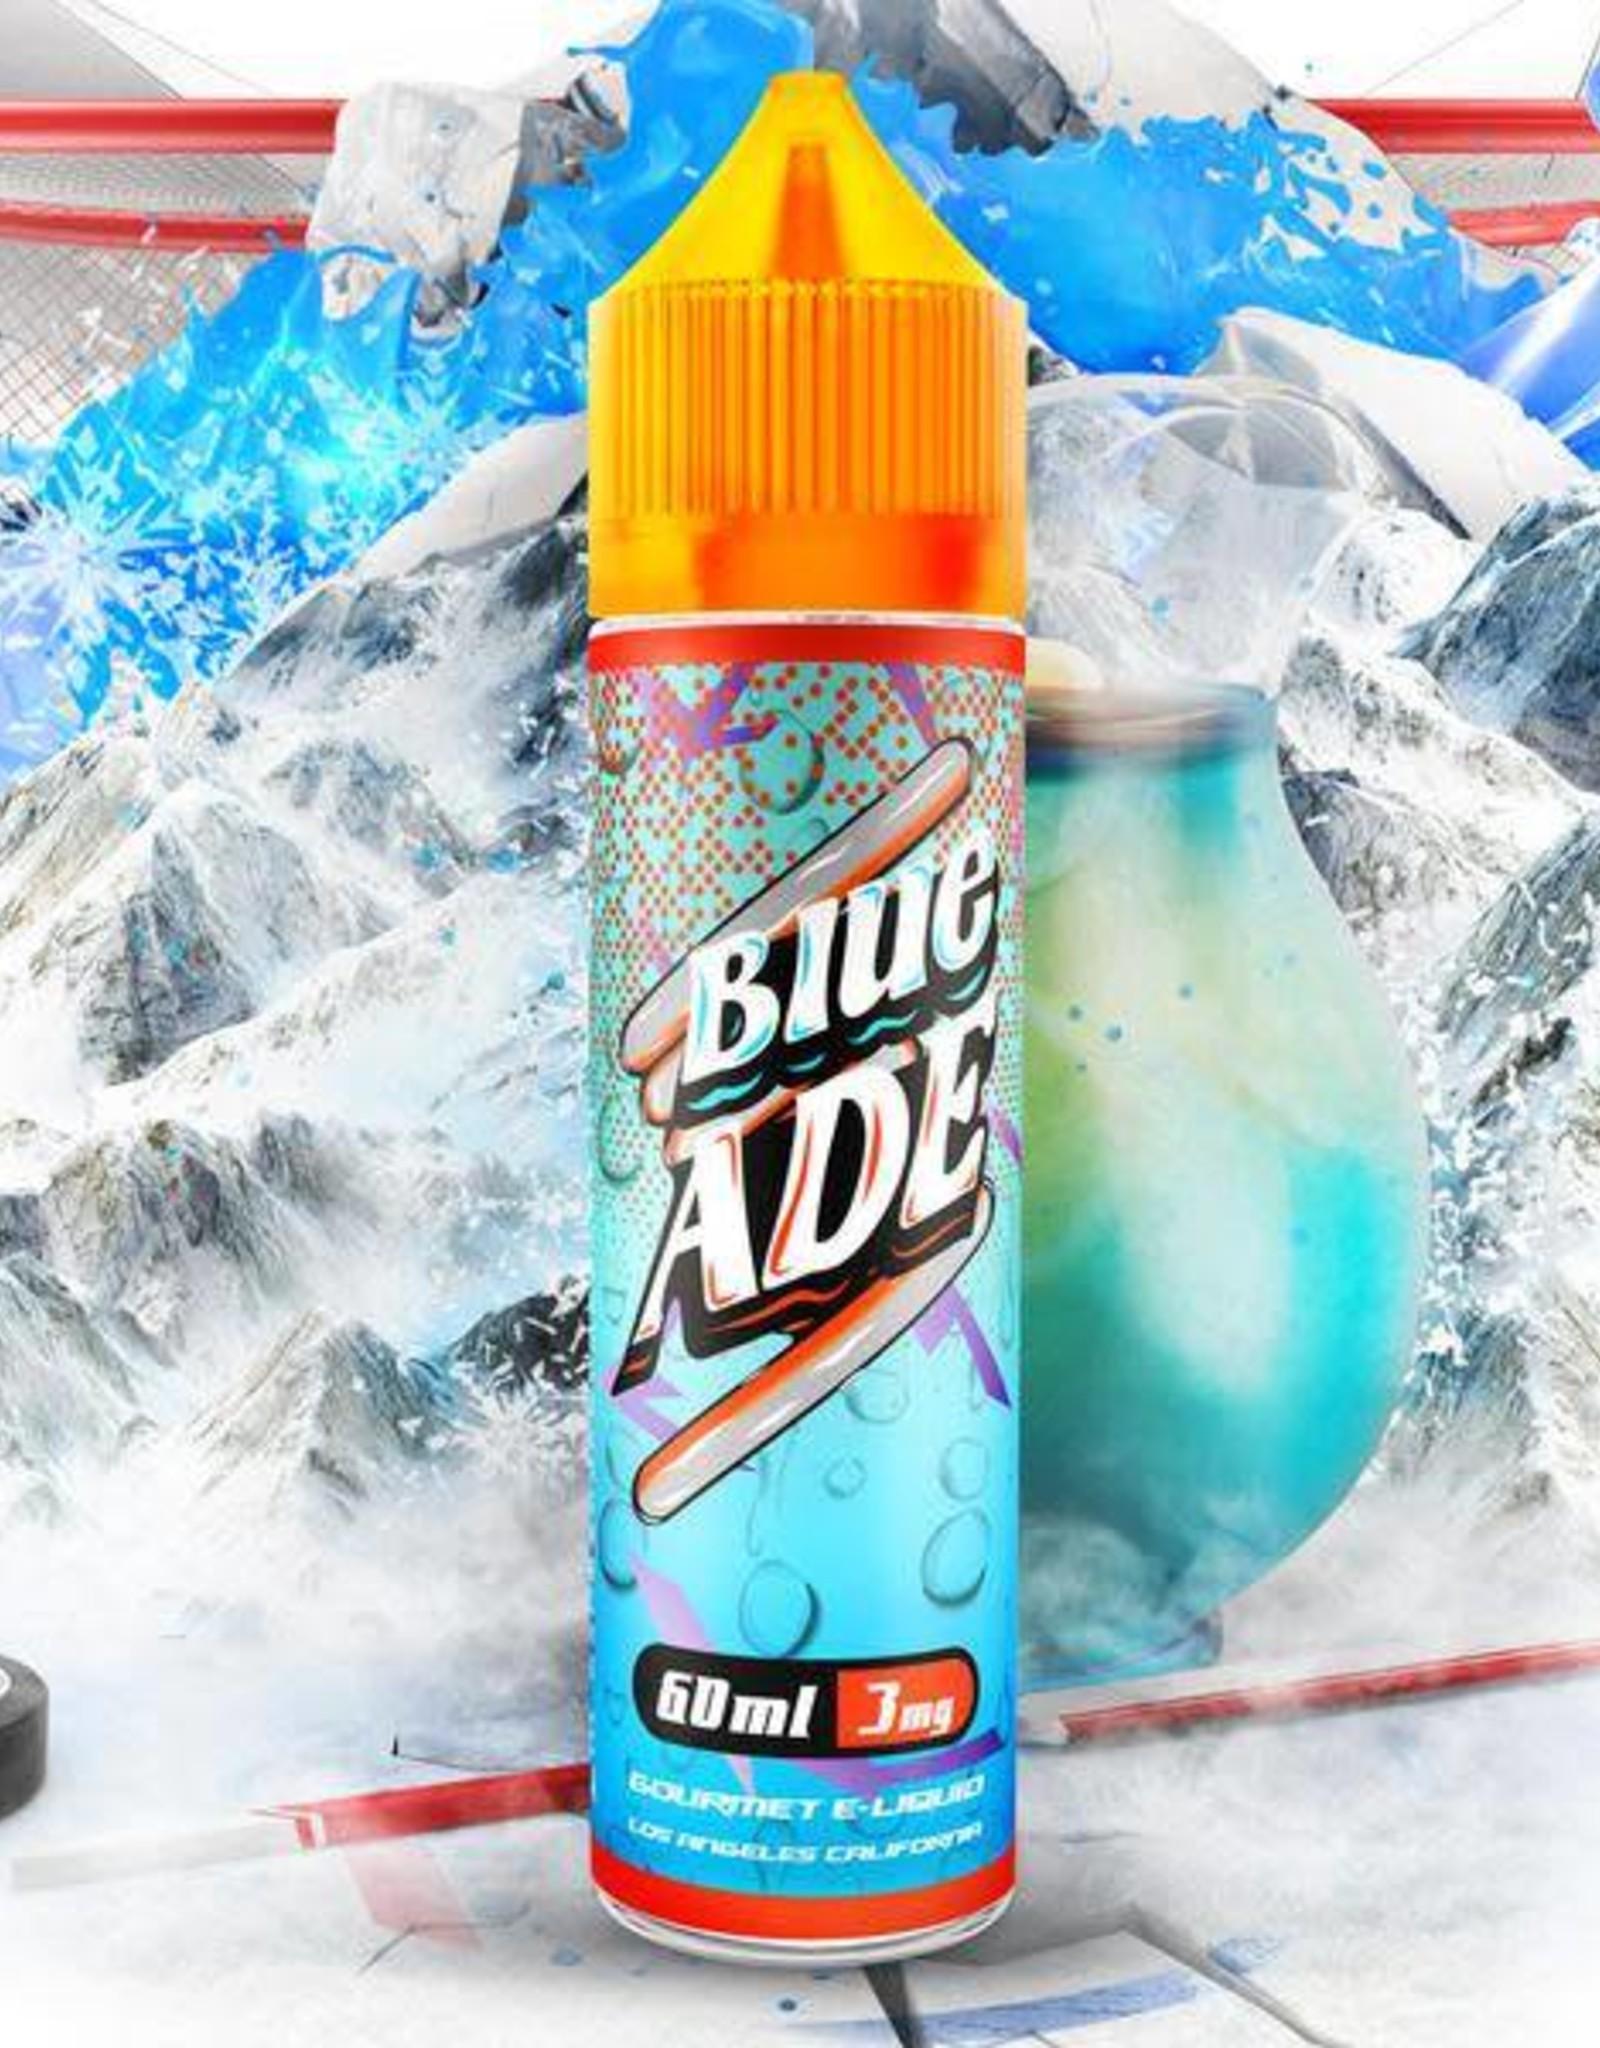 ADE - Blue ADE (60mL)